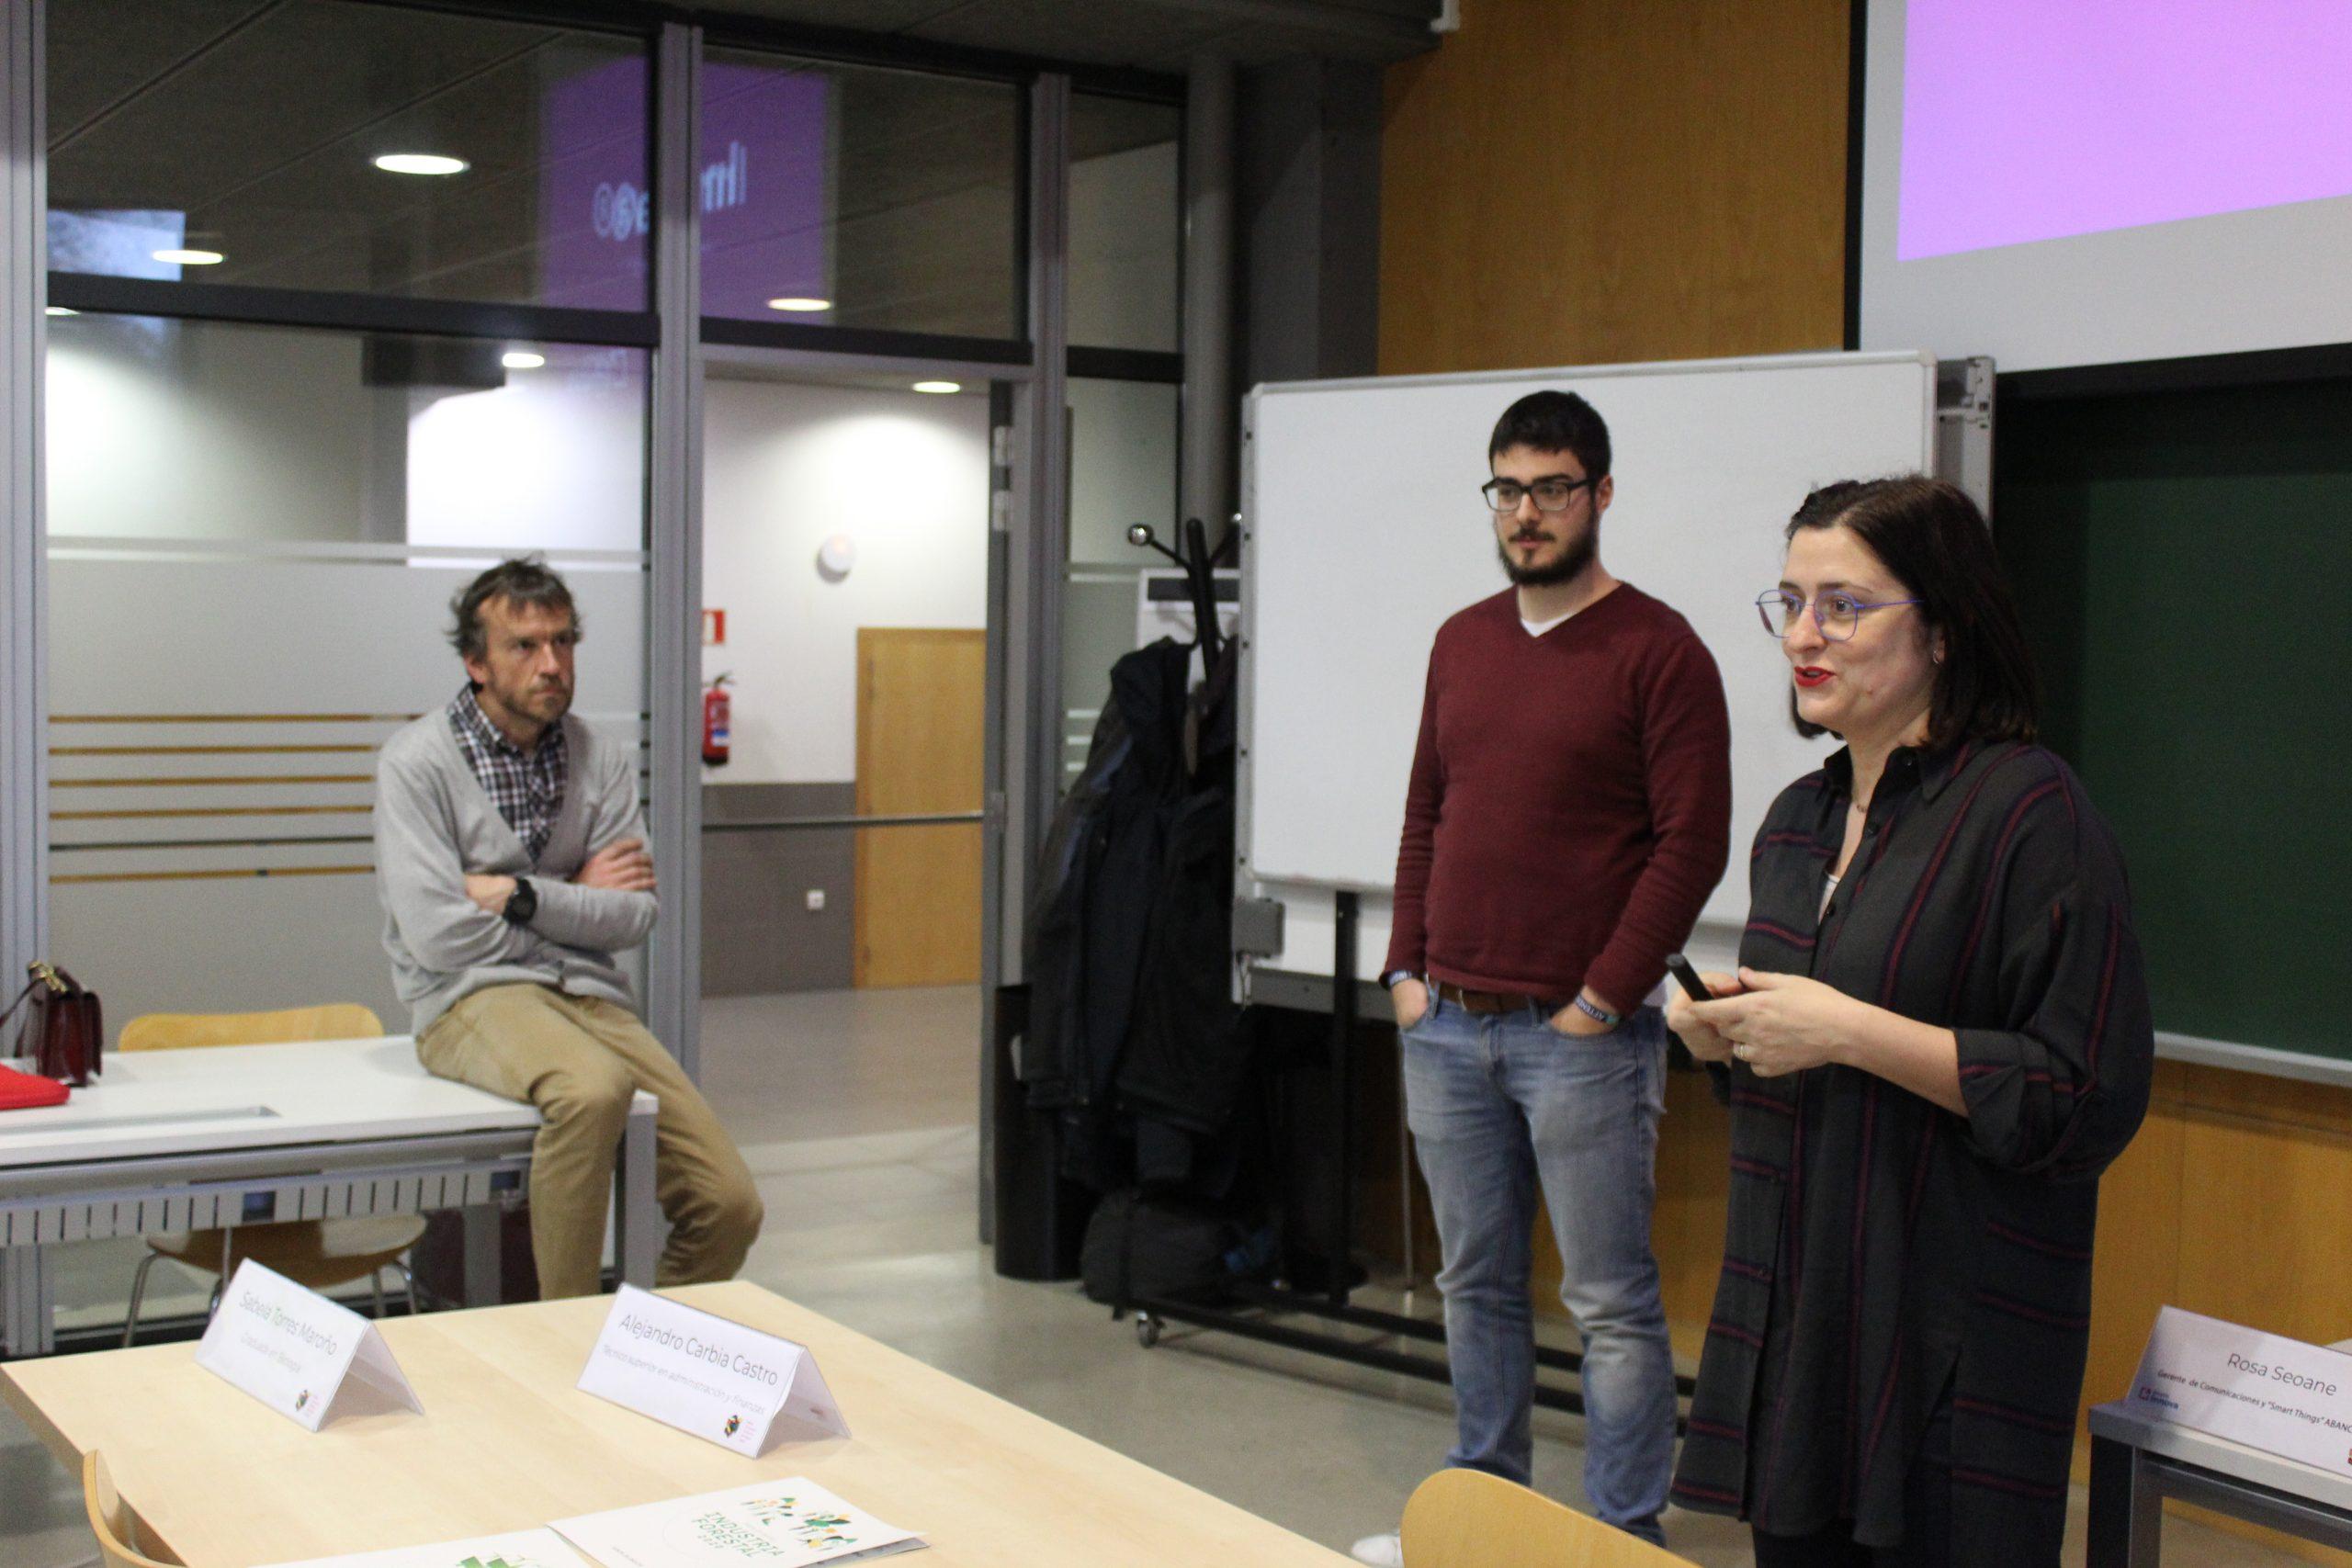 Rosa Seoane y Alejandro Bernardo nos presentan las claves del programa - Intraemprendimiento en ABANCA Innova